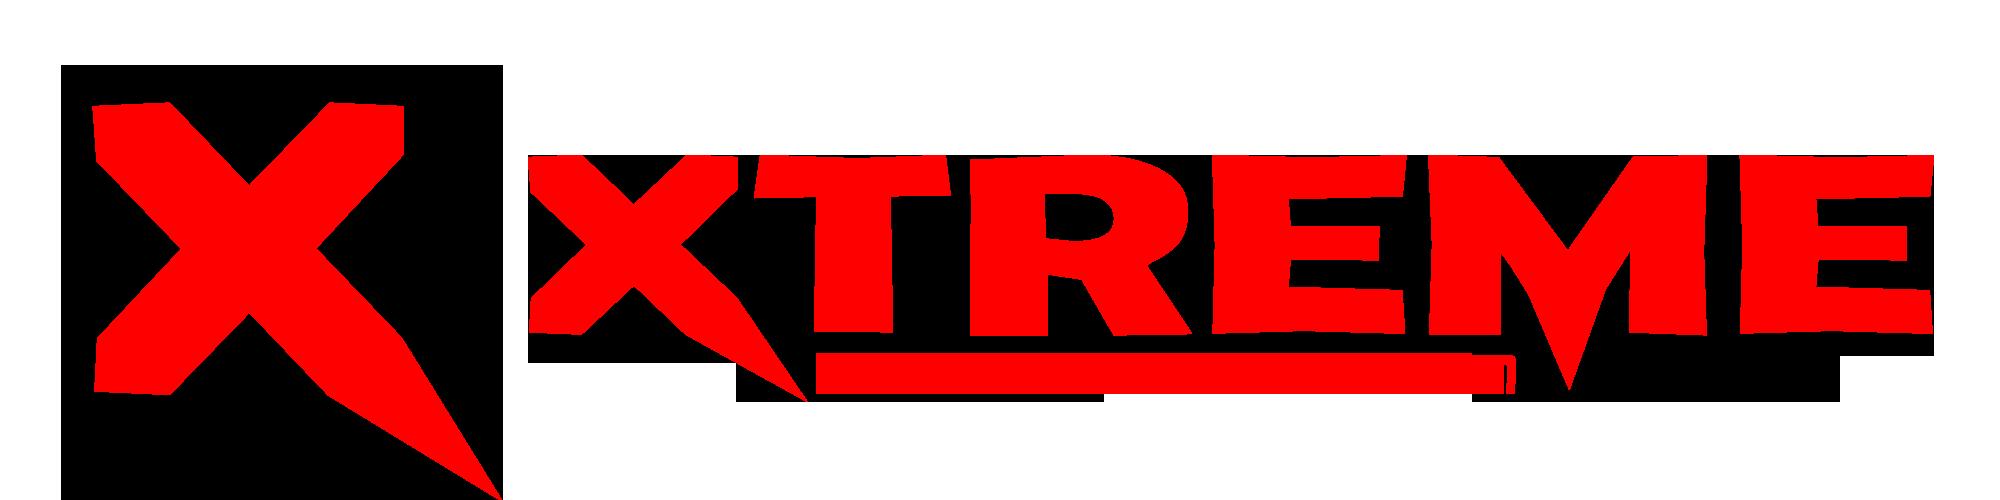 Xtreme Surf Design Footwear